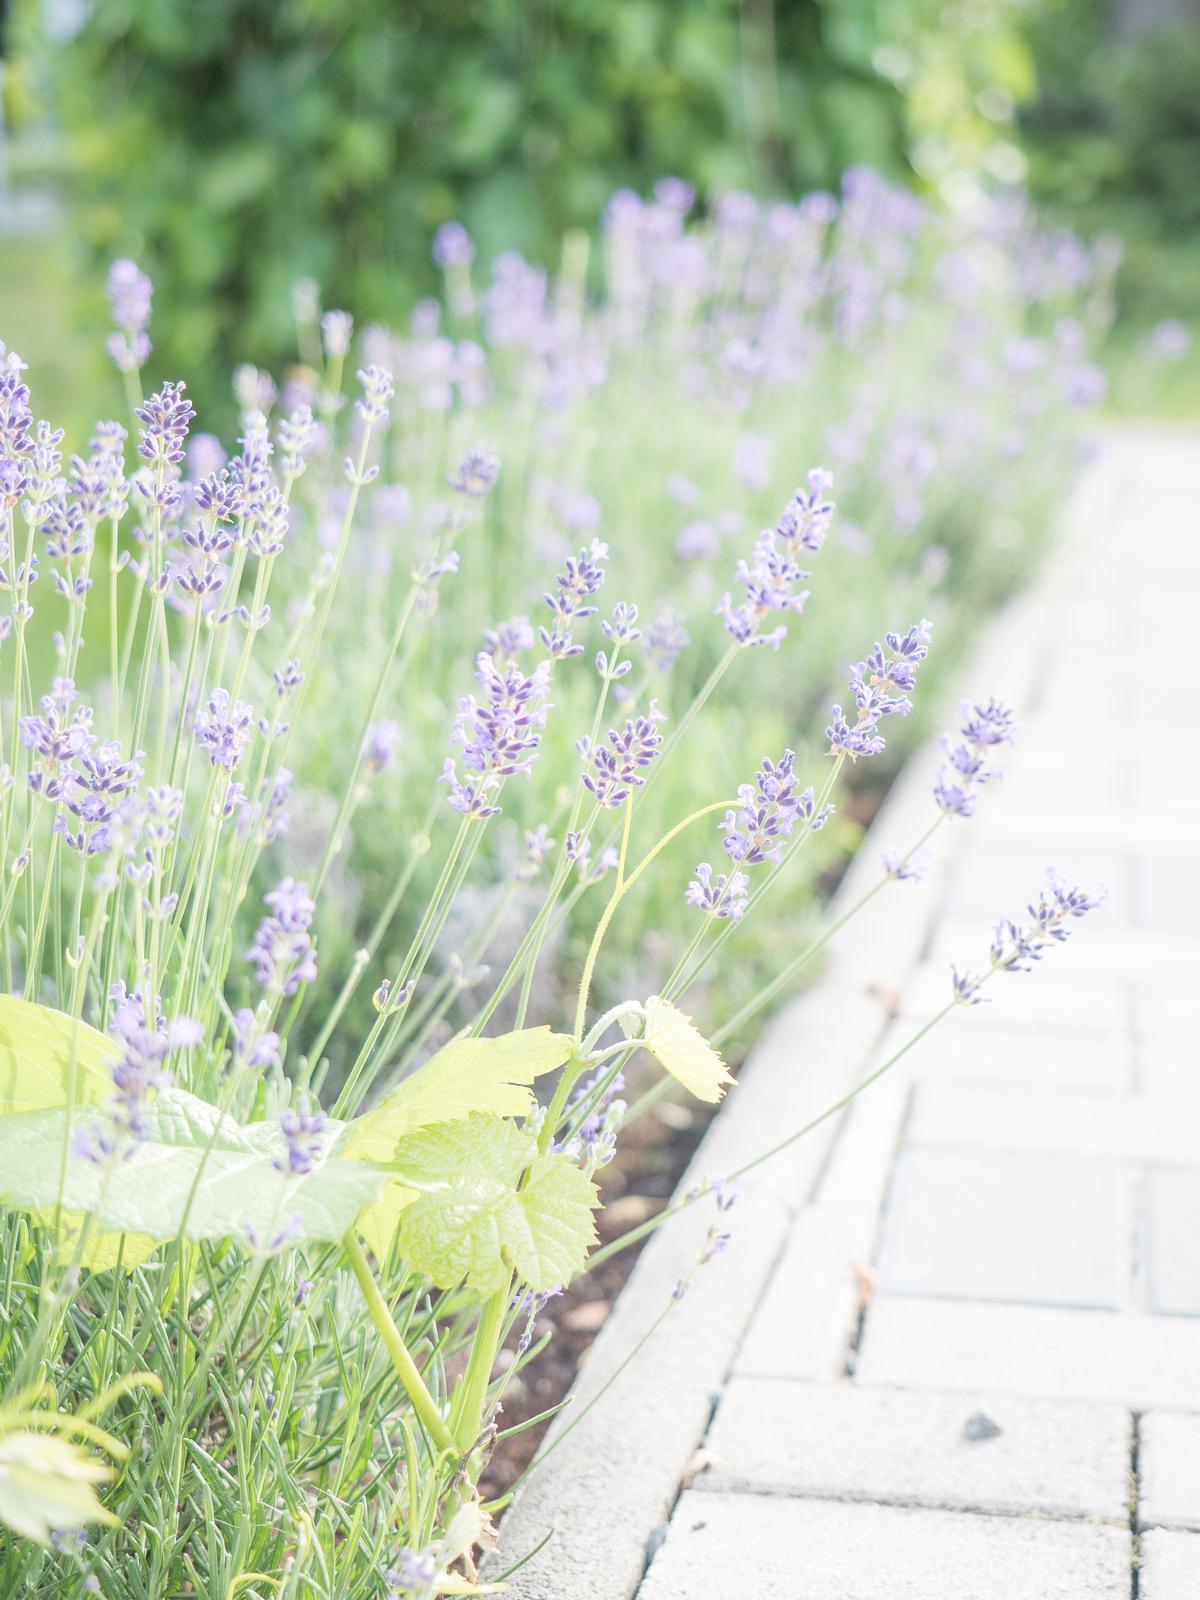 Konečne som napísala o minuloročnej záhradnej sezóne ♥ https://mypieceofvintageprairie.blogspot.sk/2018/01/garden-in-2017-zahrada-v-roku-2017.html - Obrázok č. 1